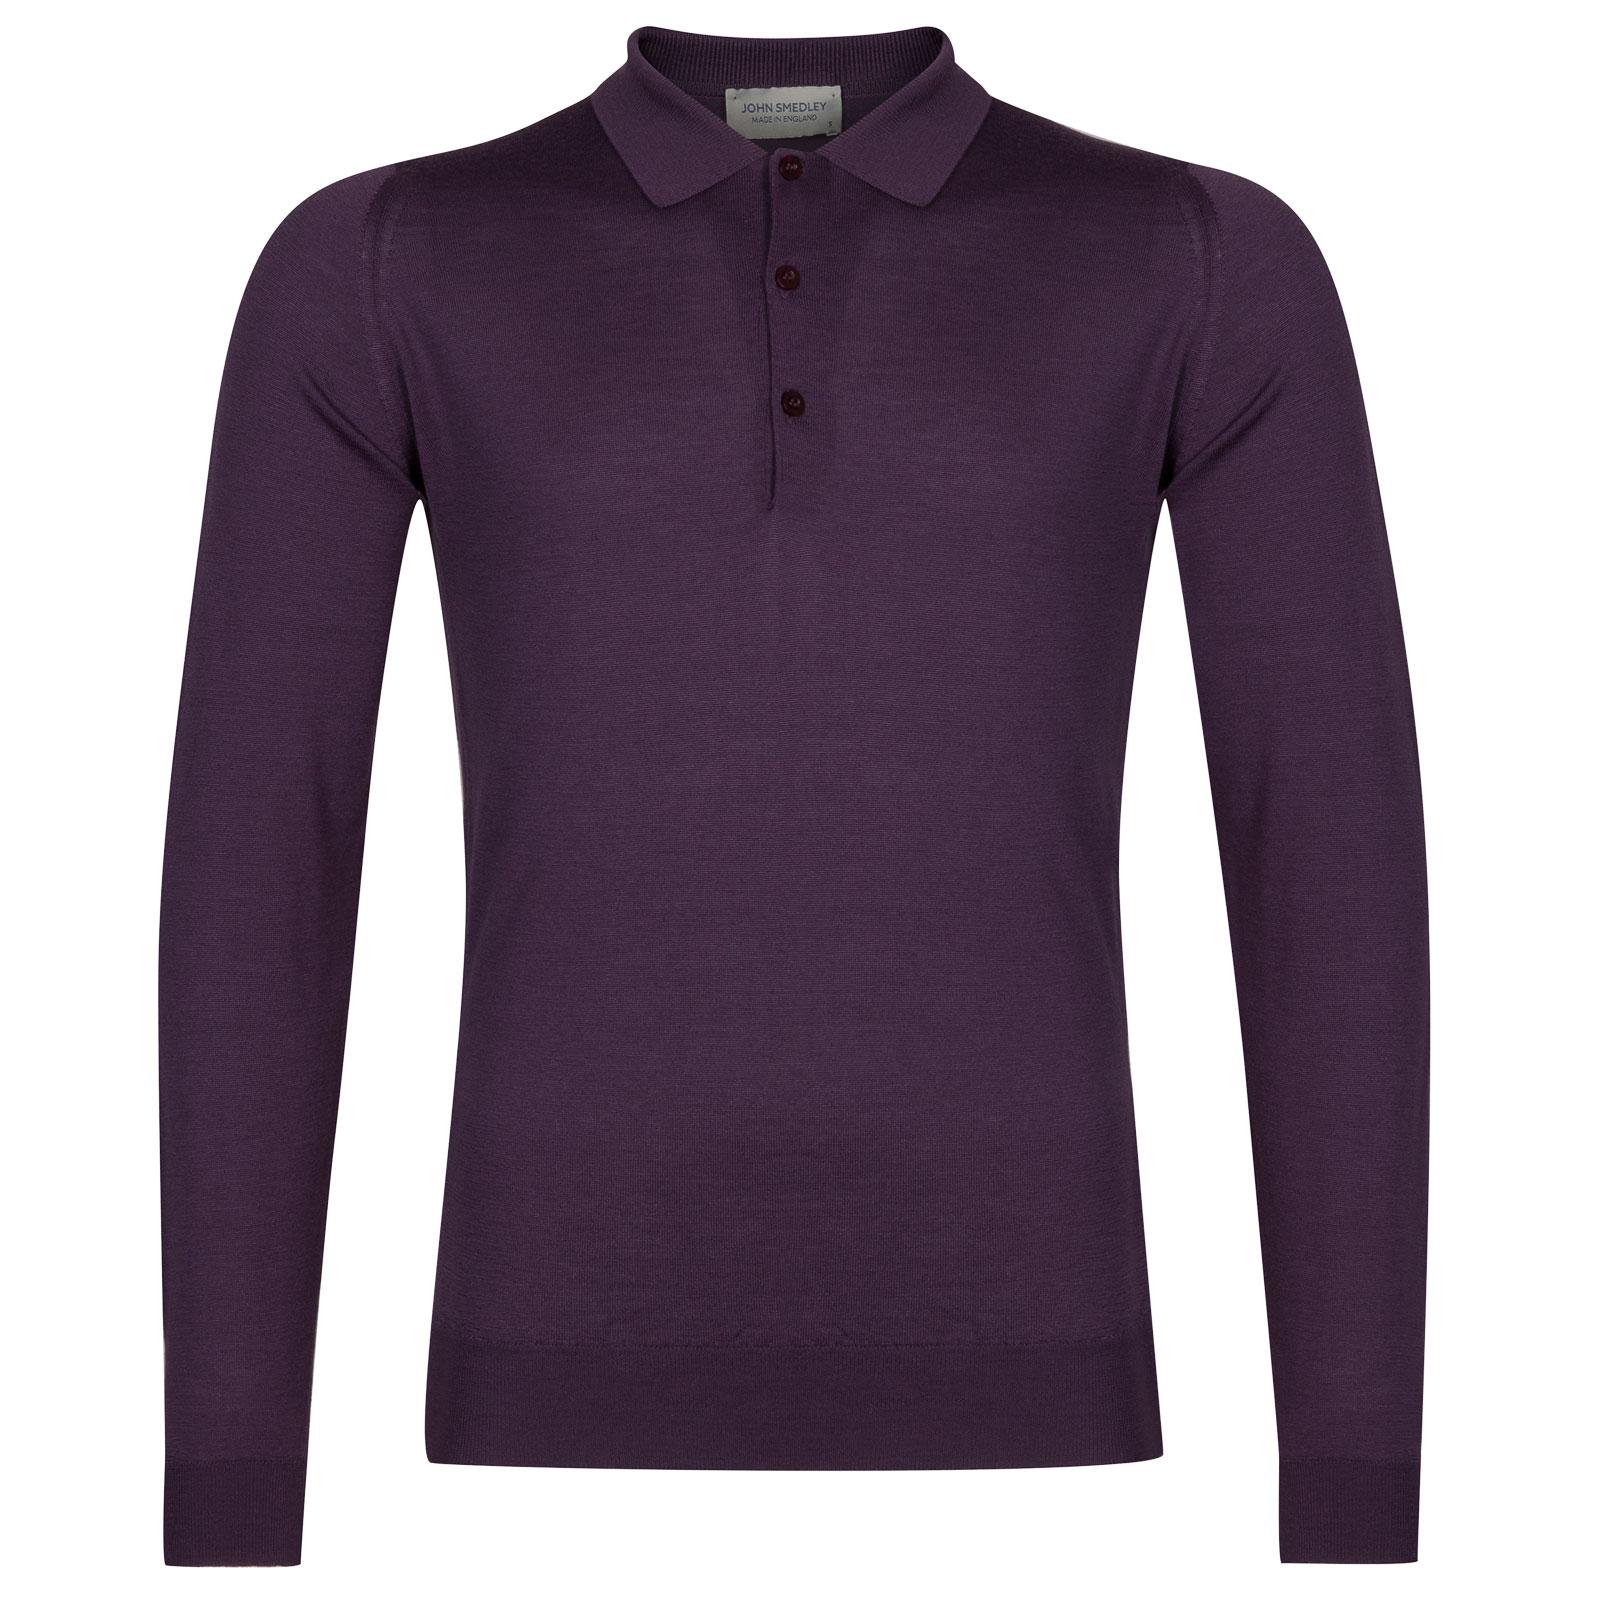 belper-Bauhaus-purple-S